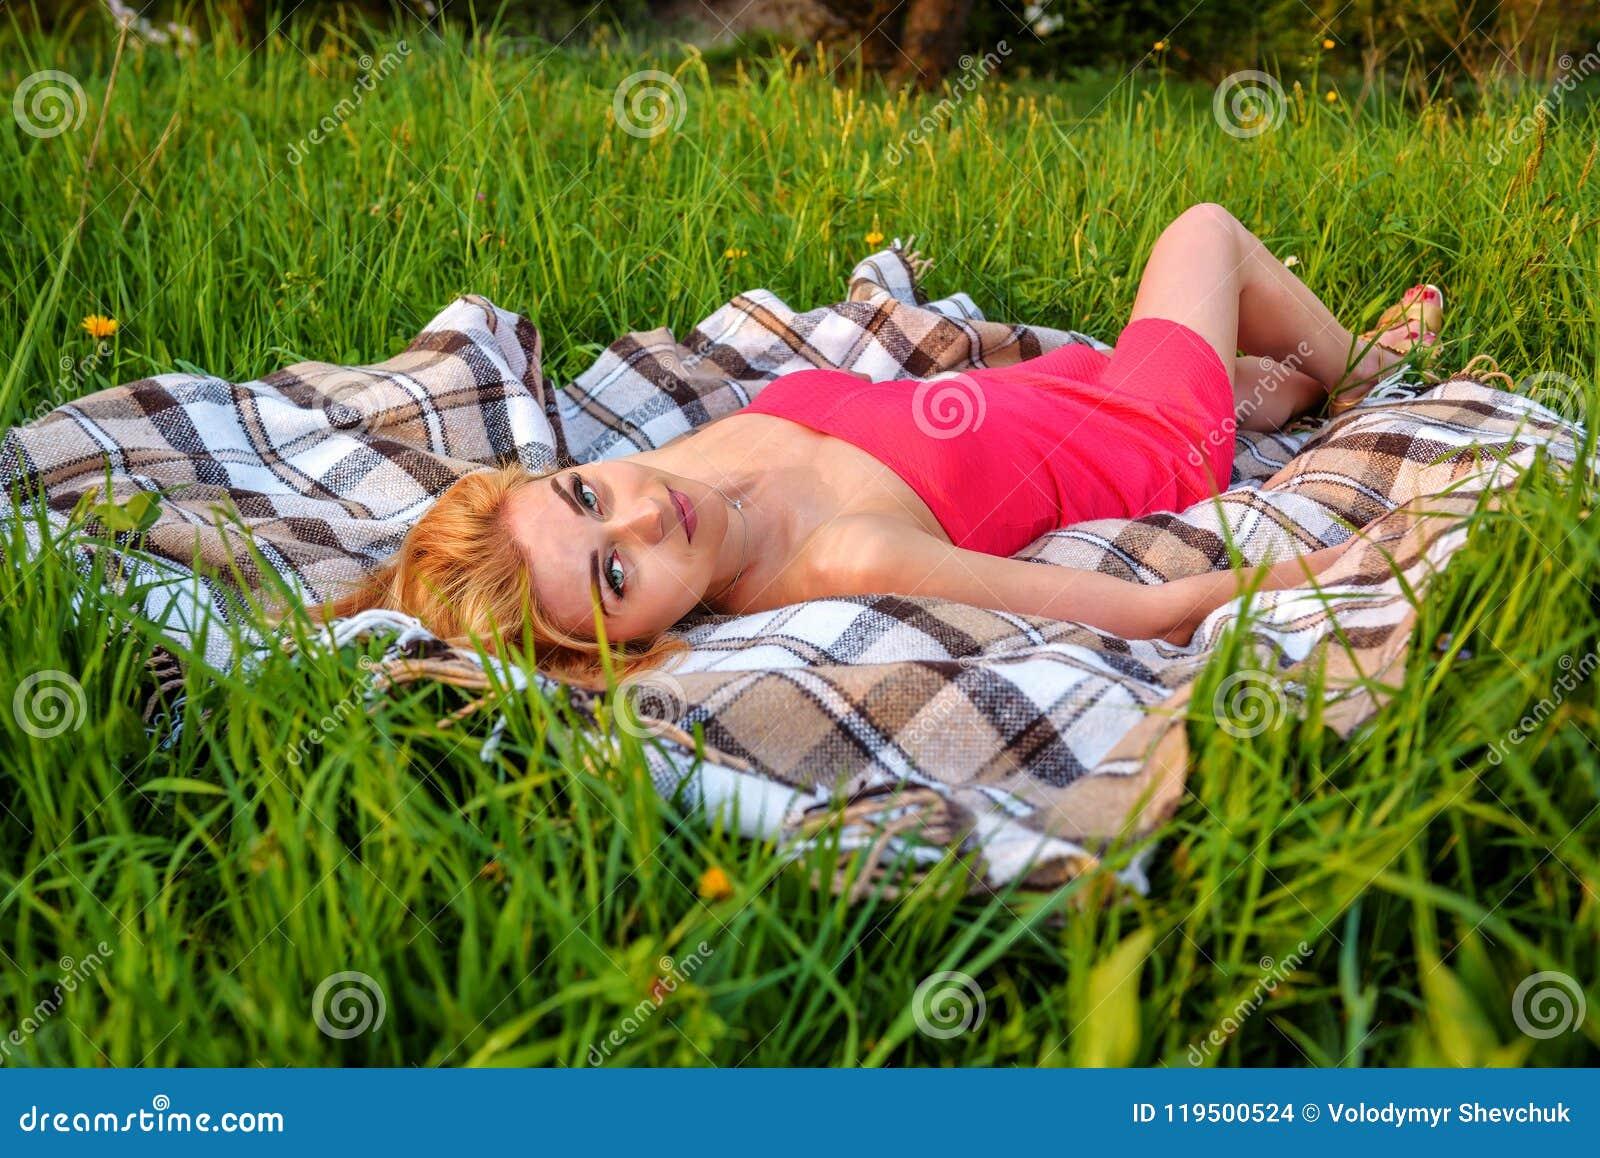 Девушка в красном платье лежа на траве